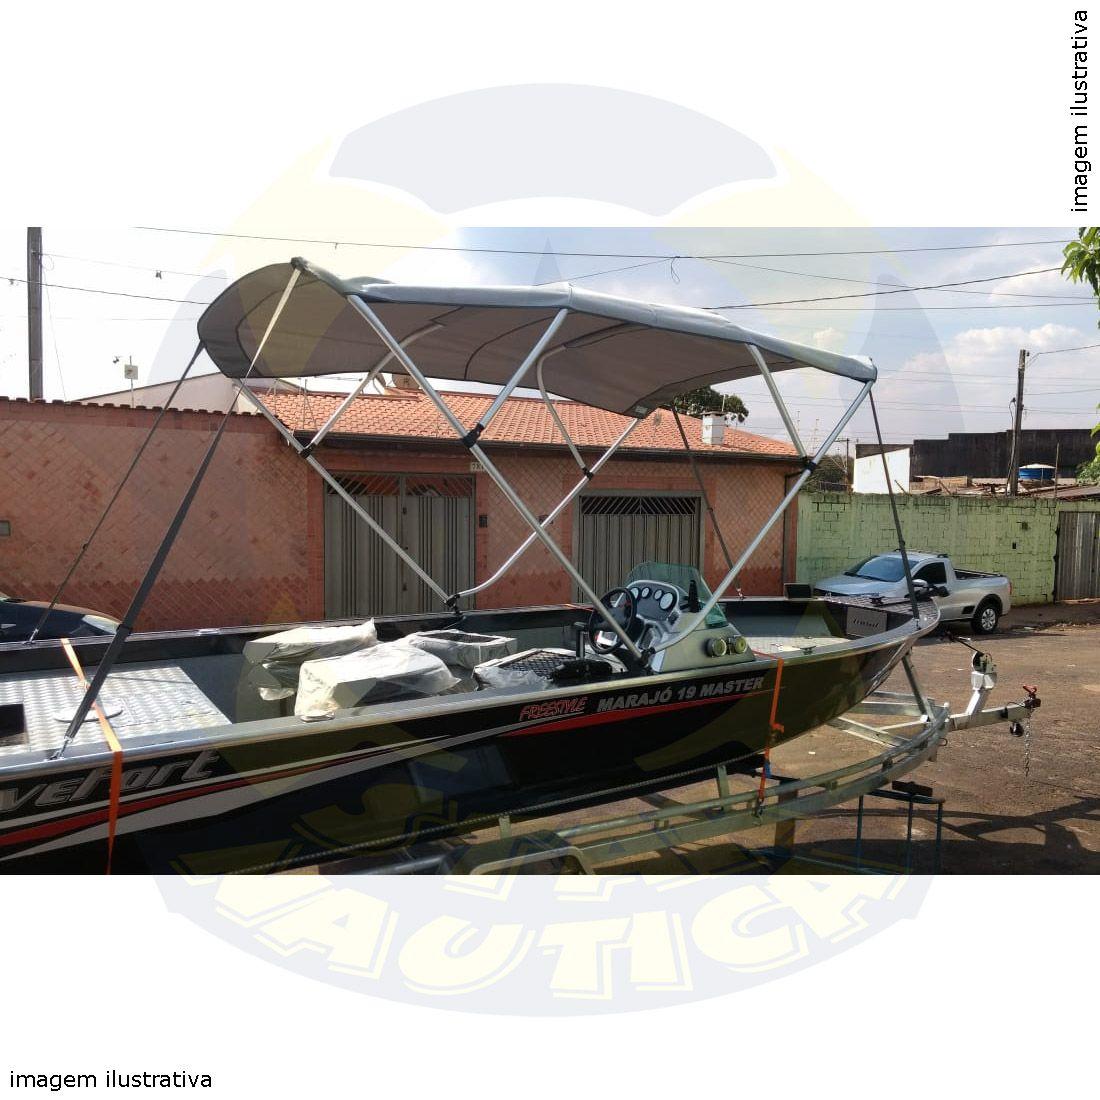 Capota Toldo Lancha Matrix 190 Rionáutica Vinílica 4 Arcos Tubo 1 1/4